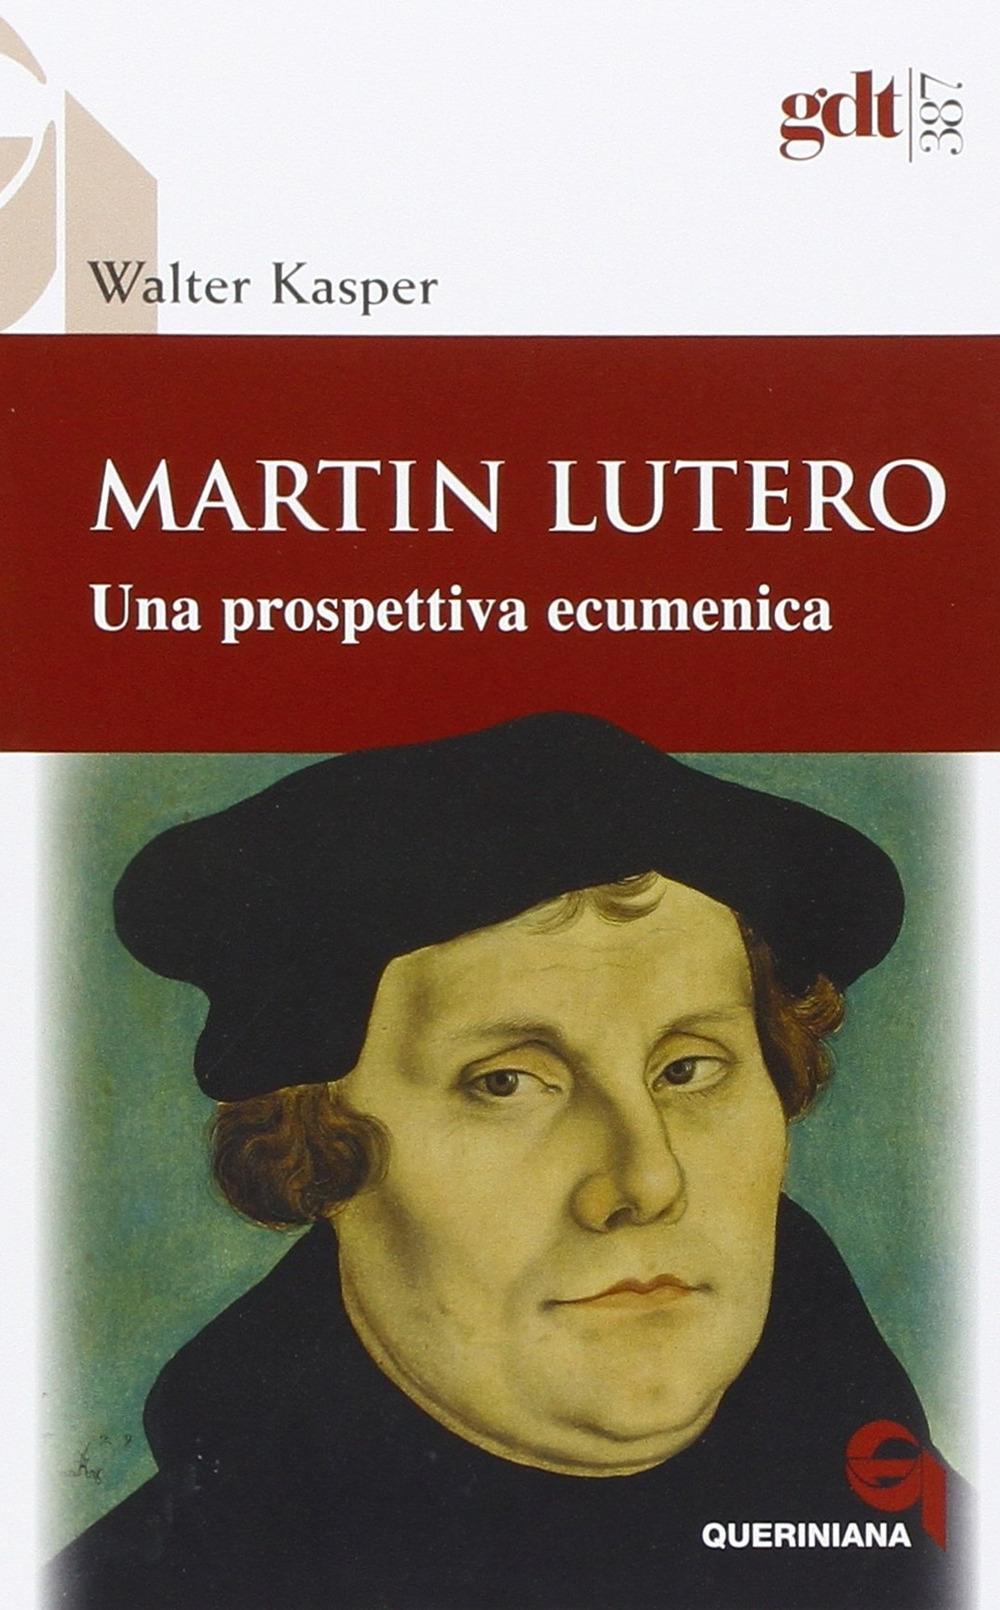 Martin Lutero. Una prospettiva ecumenica.